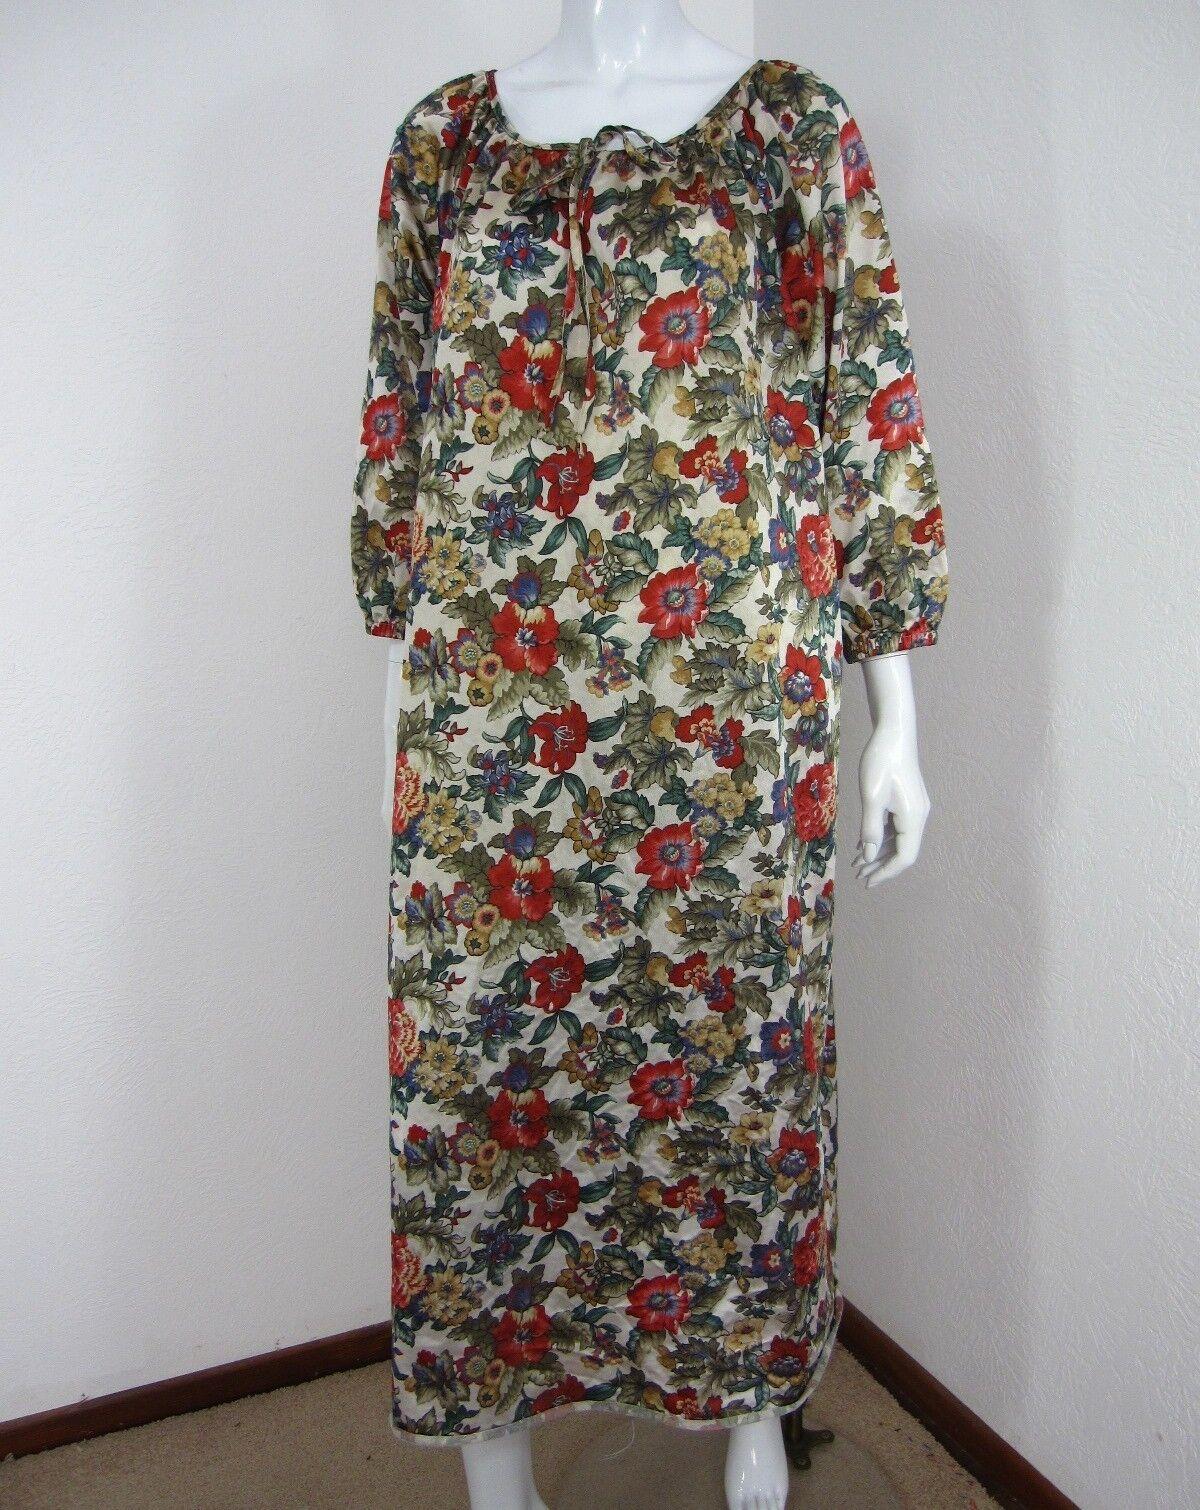 VILLAGE FAIR VINTAGE 1980'S SHORT SLEEVE DRESS Größe 34-40 MULTICOLGoldt FLORAL